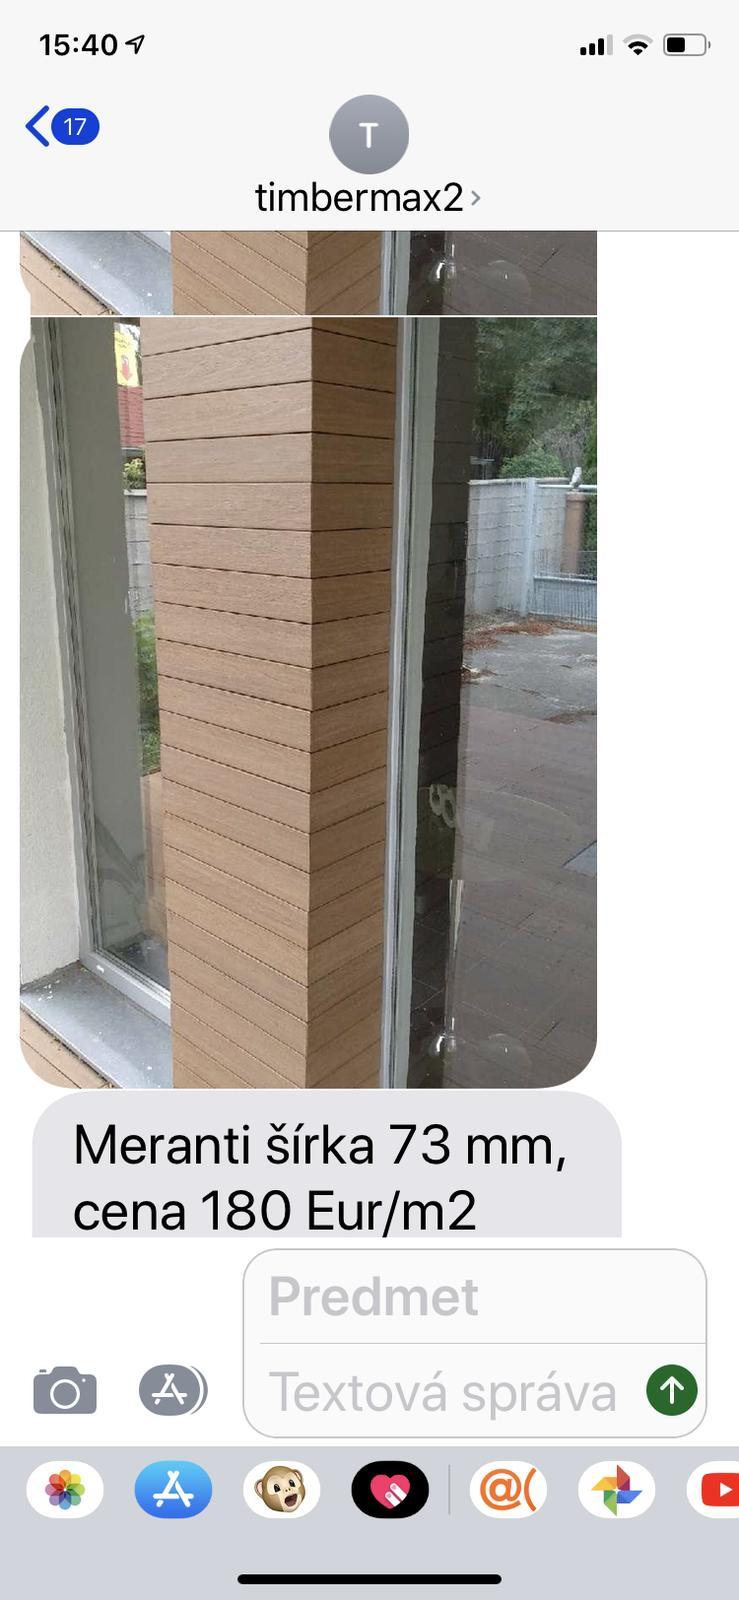 Neviem sa rozhodnúť ktorý si vybrať z timbermaxu okume alebo meranti na obklad fasády prosim povedzte vas názor - Obrázok č. 2